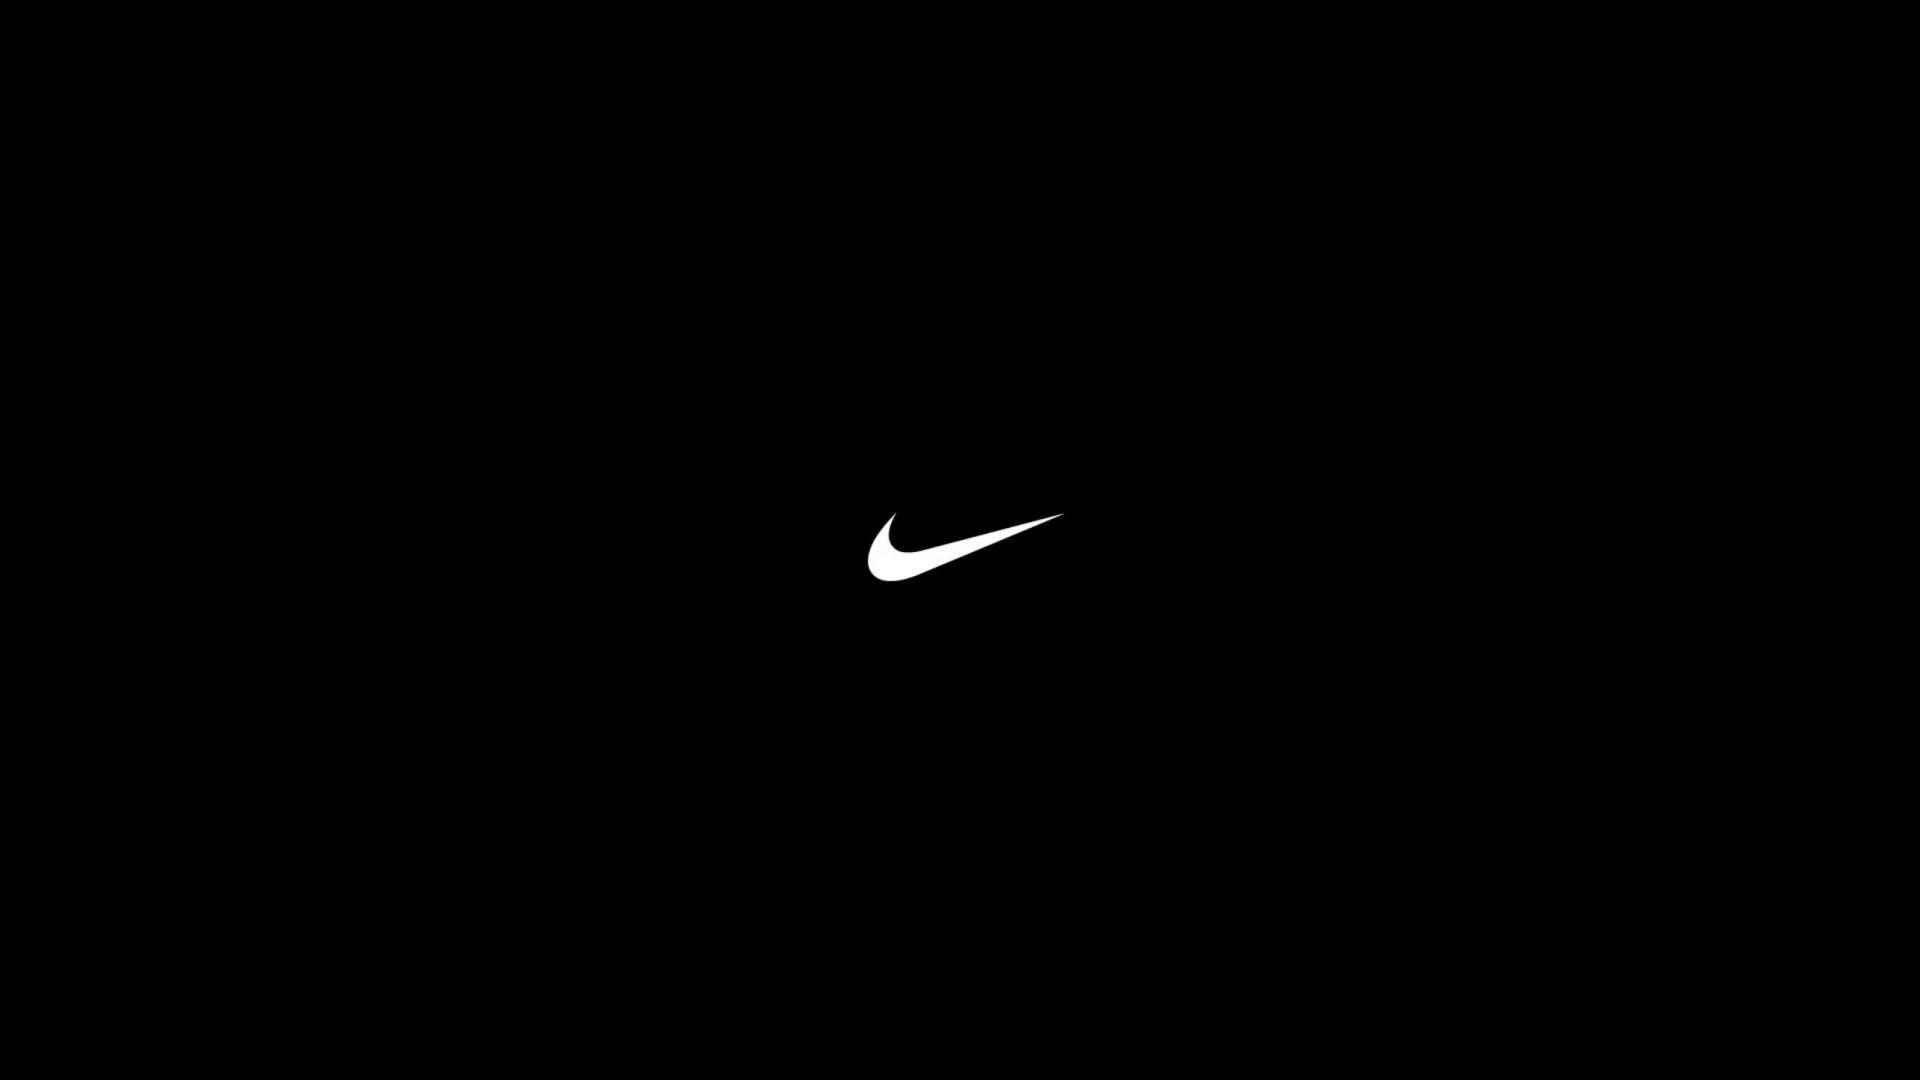 Simple Nike Logo For Hdtv Resolution